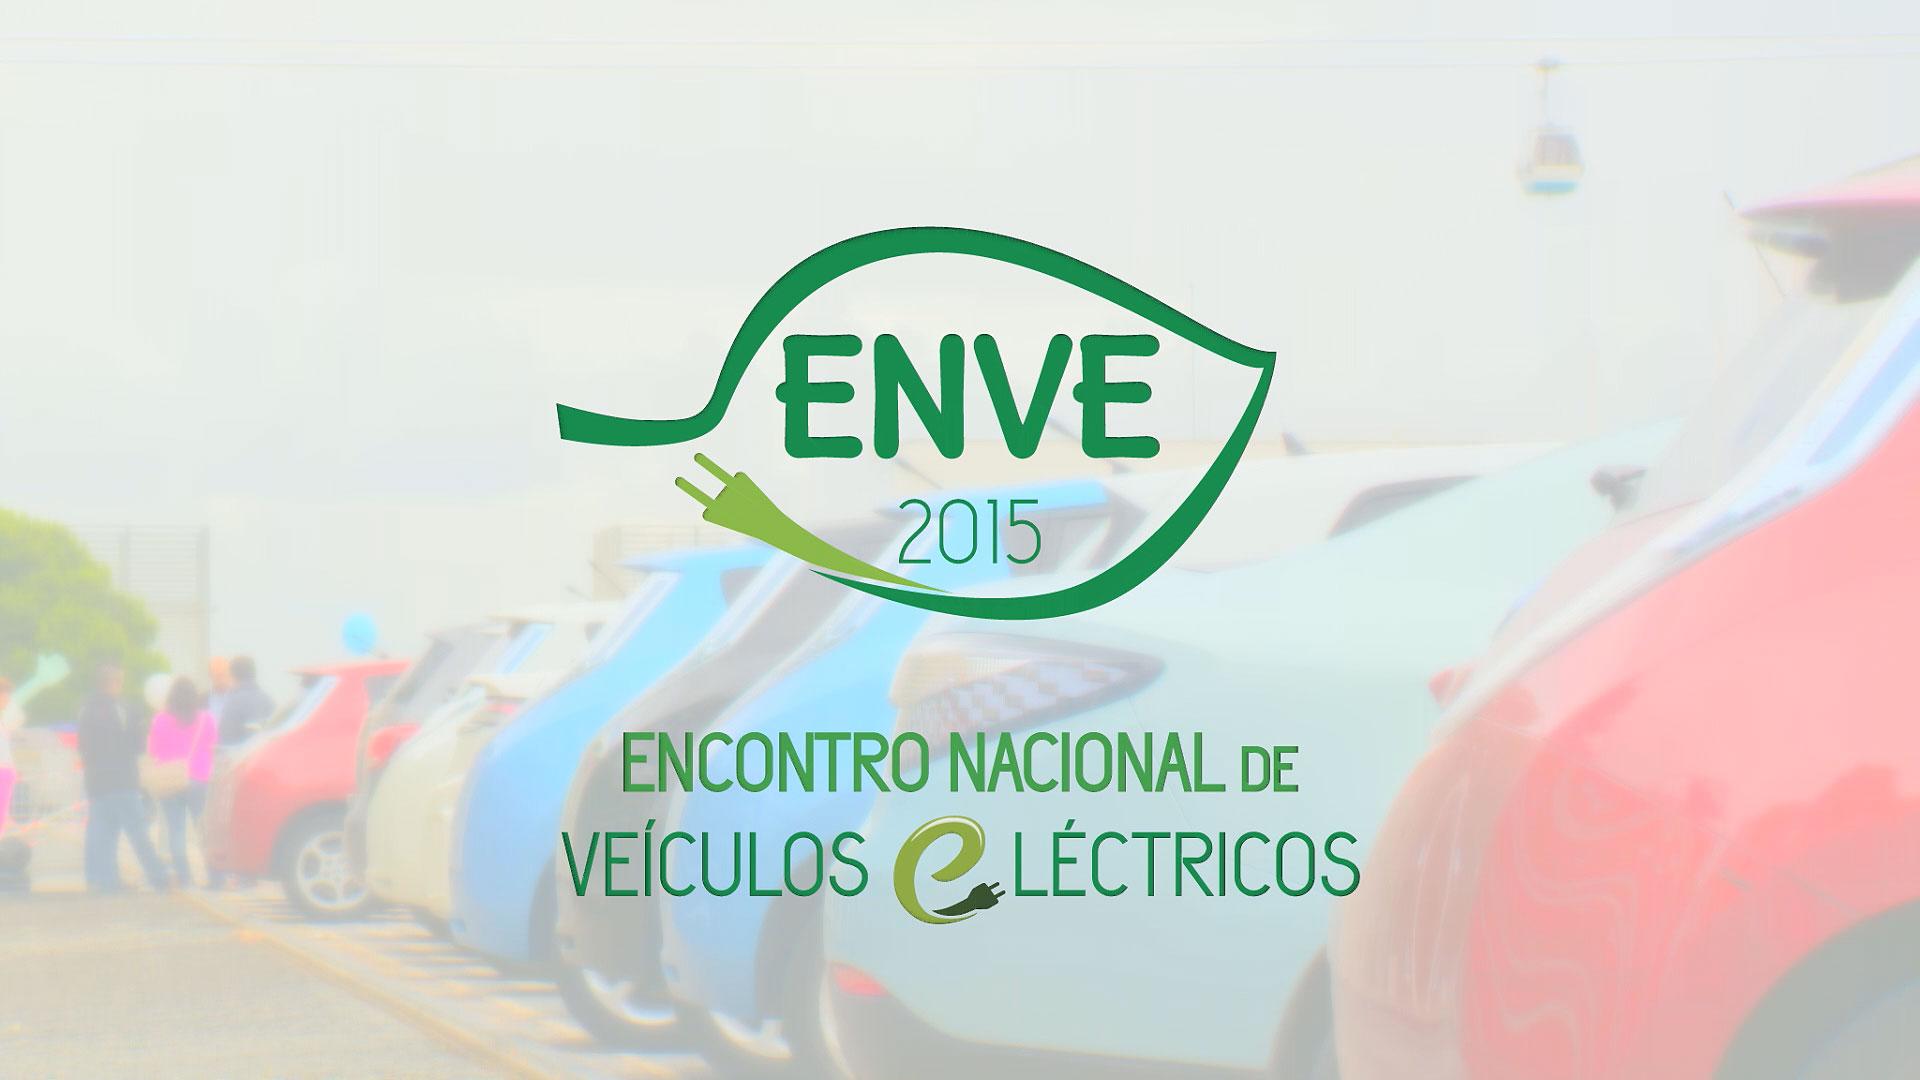 ENVE 2015 - Encontro Nacional de Veículos Eléctricos